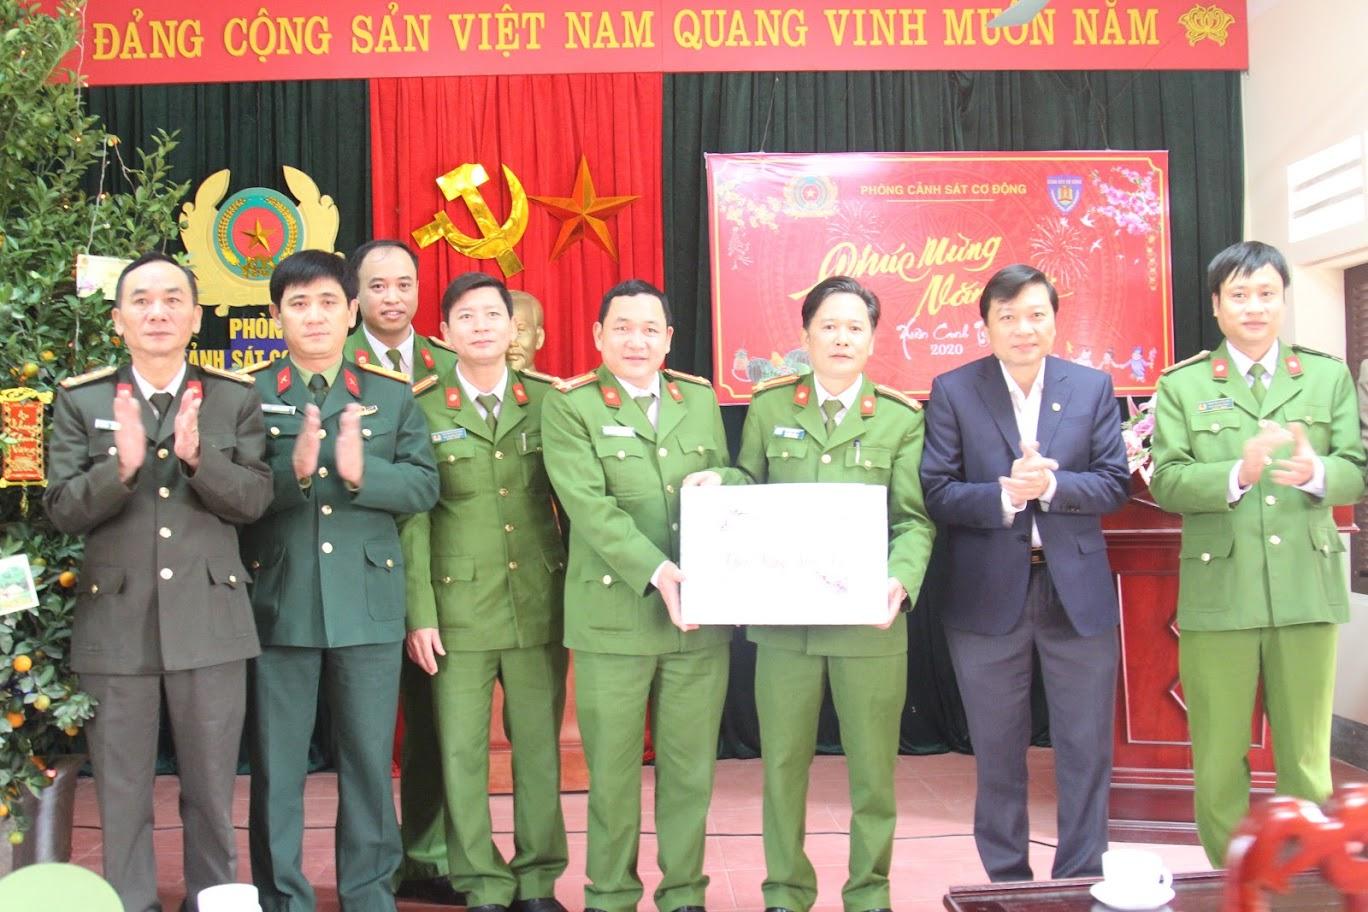 Phó Chủ tịch UBND tỉnh Lê Hồng Vinh thăm, chúc Tết phòng Cảnh sát cơ động